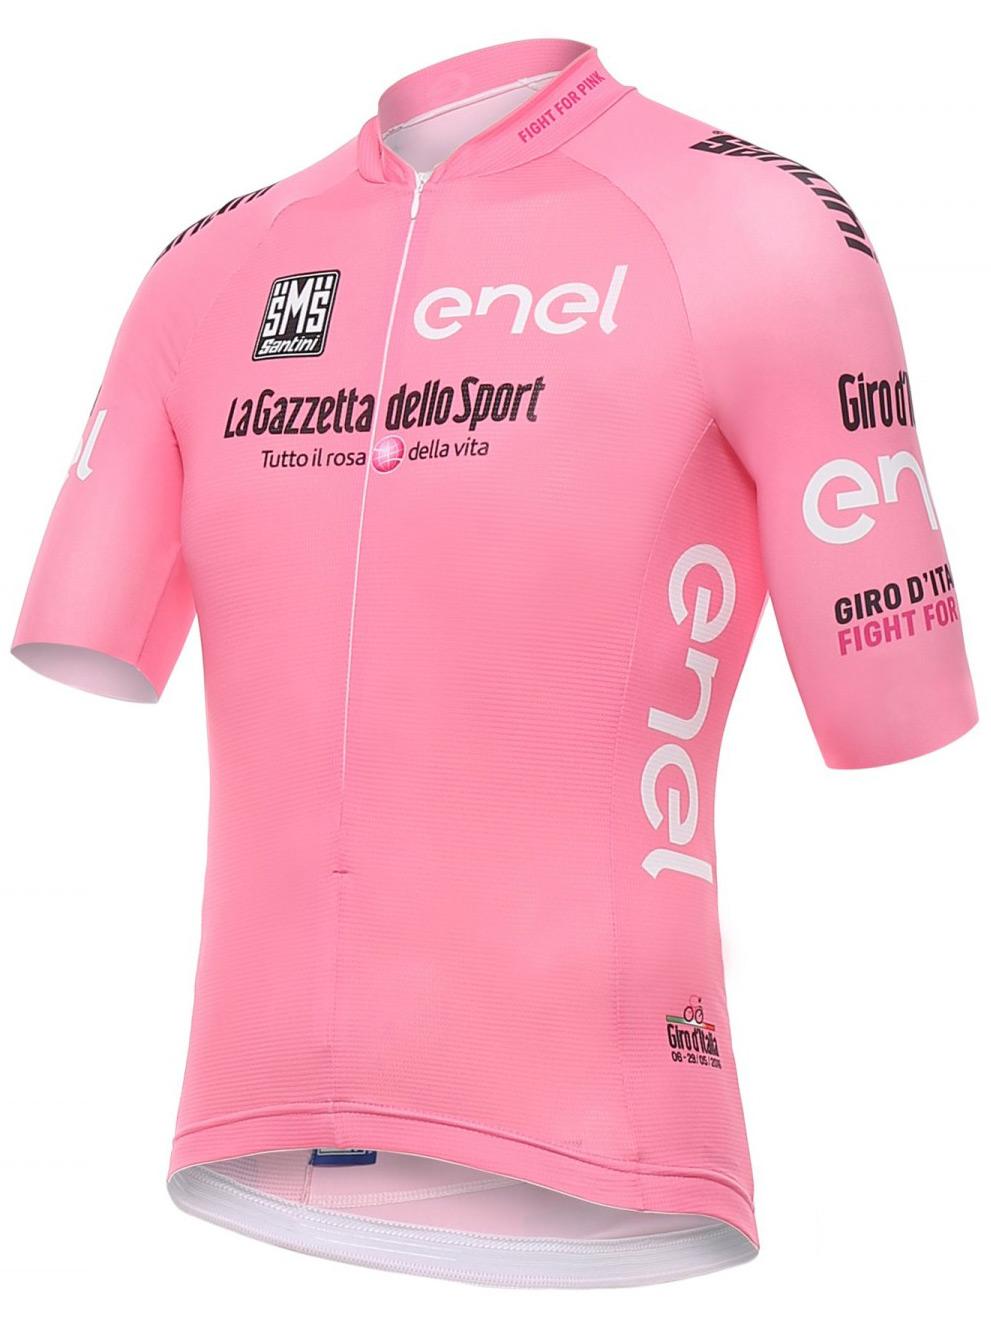 4c5dd7c61 Santini giro-d-italia maglia-rosa leader-jersey-front ...